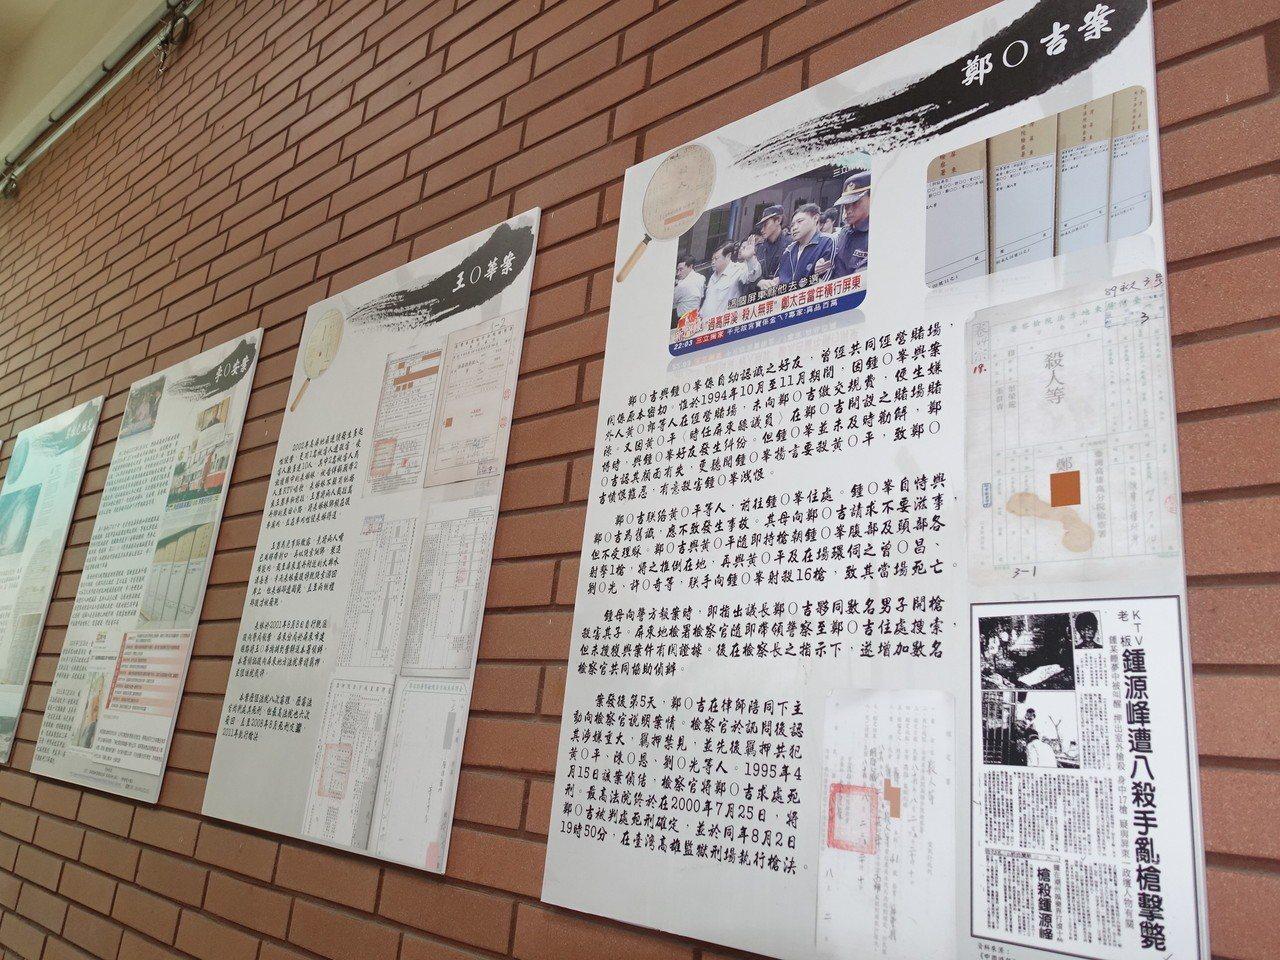 屏東地檢署首次舉辦檔案展,並展出近年引起社會注目的六大案件。記者翁禎霞/攝影